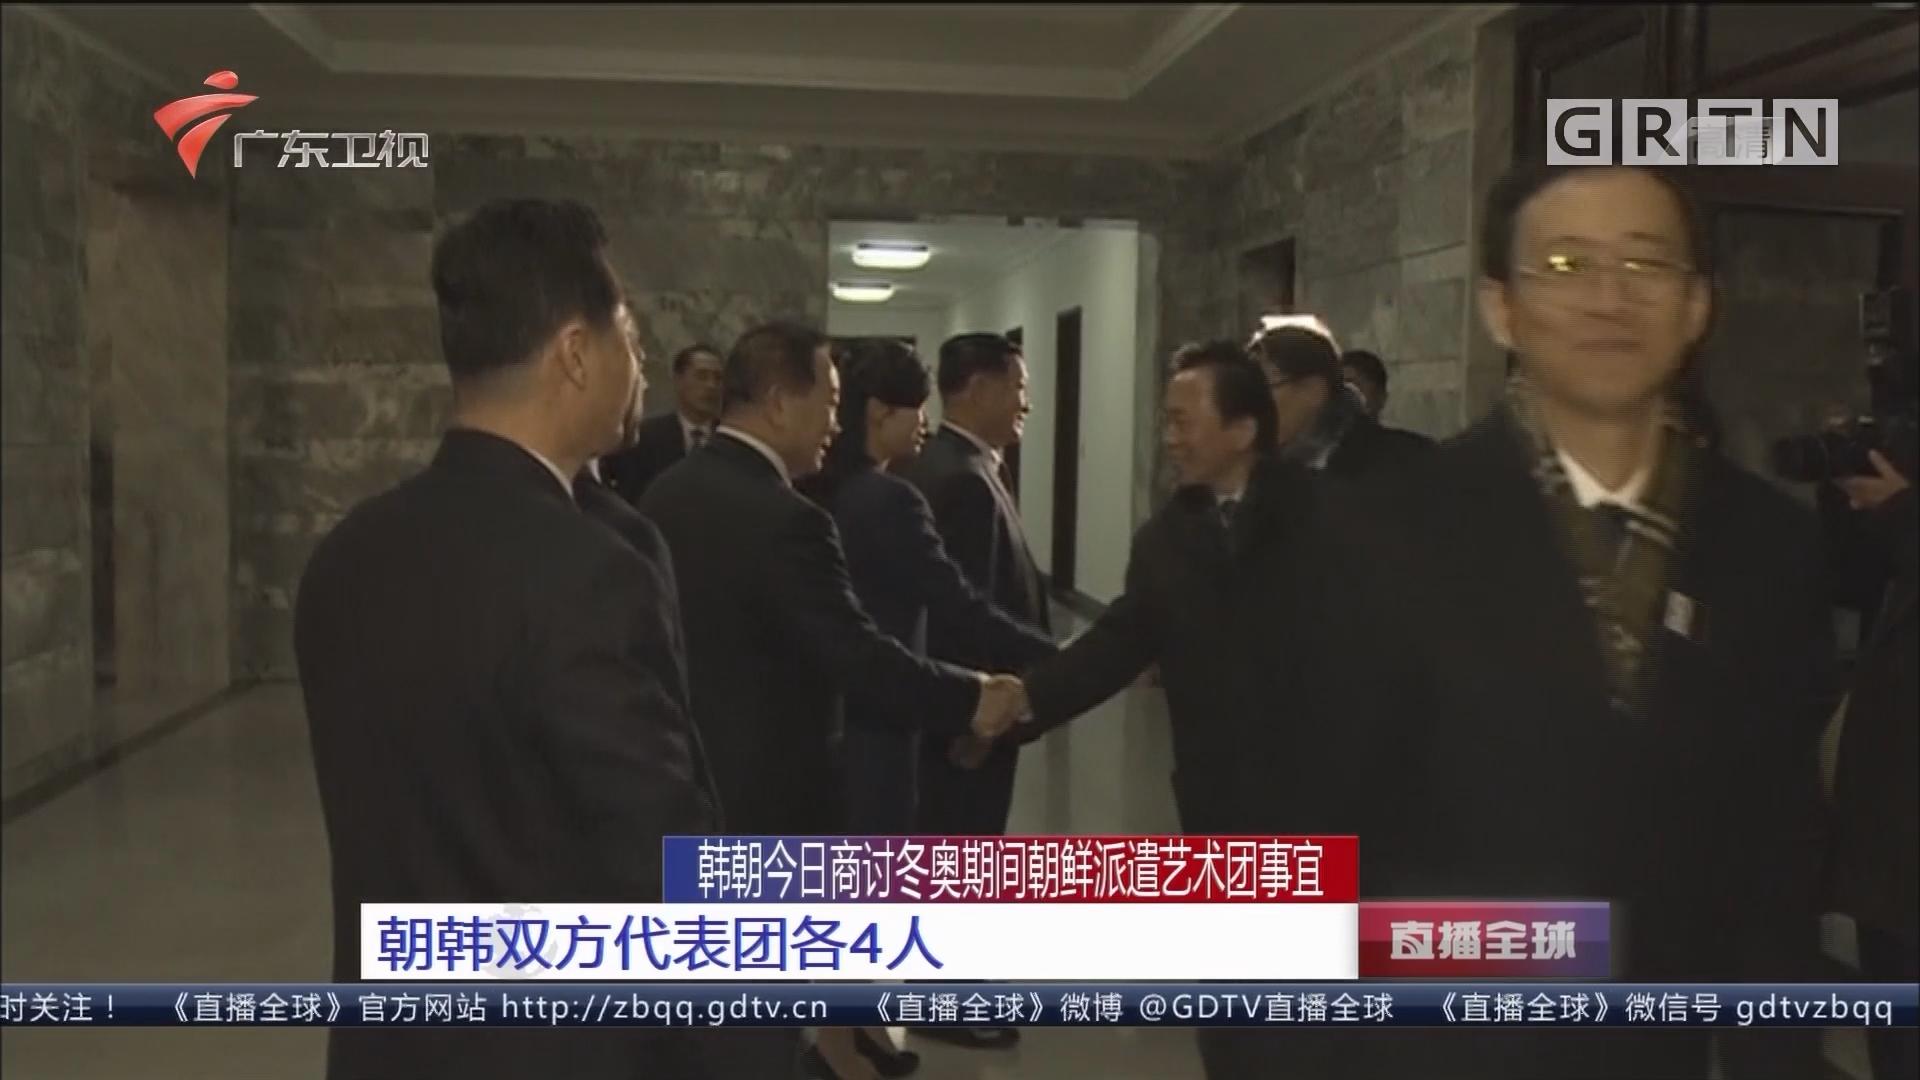 韩朝今日商讨冬奥期间朝鲜派遣艺术团事宜:朝韩双方代表团各4人